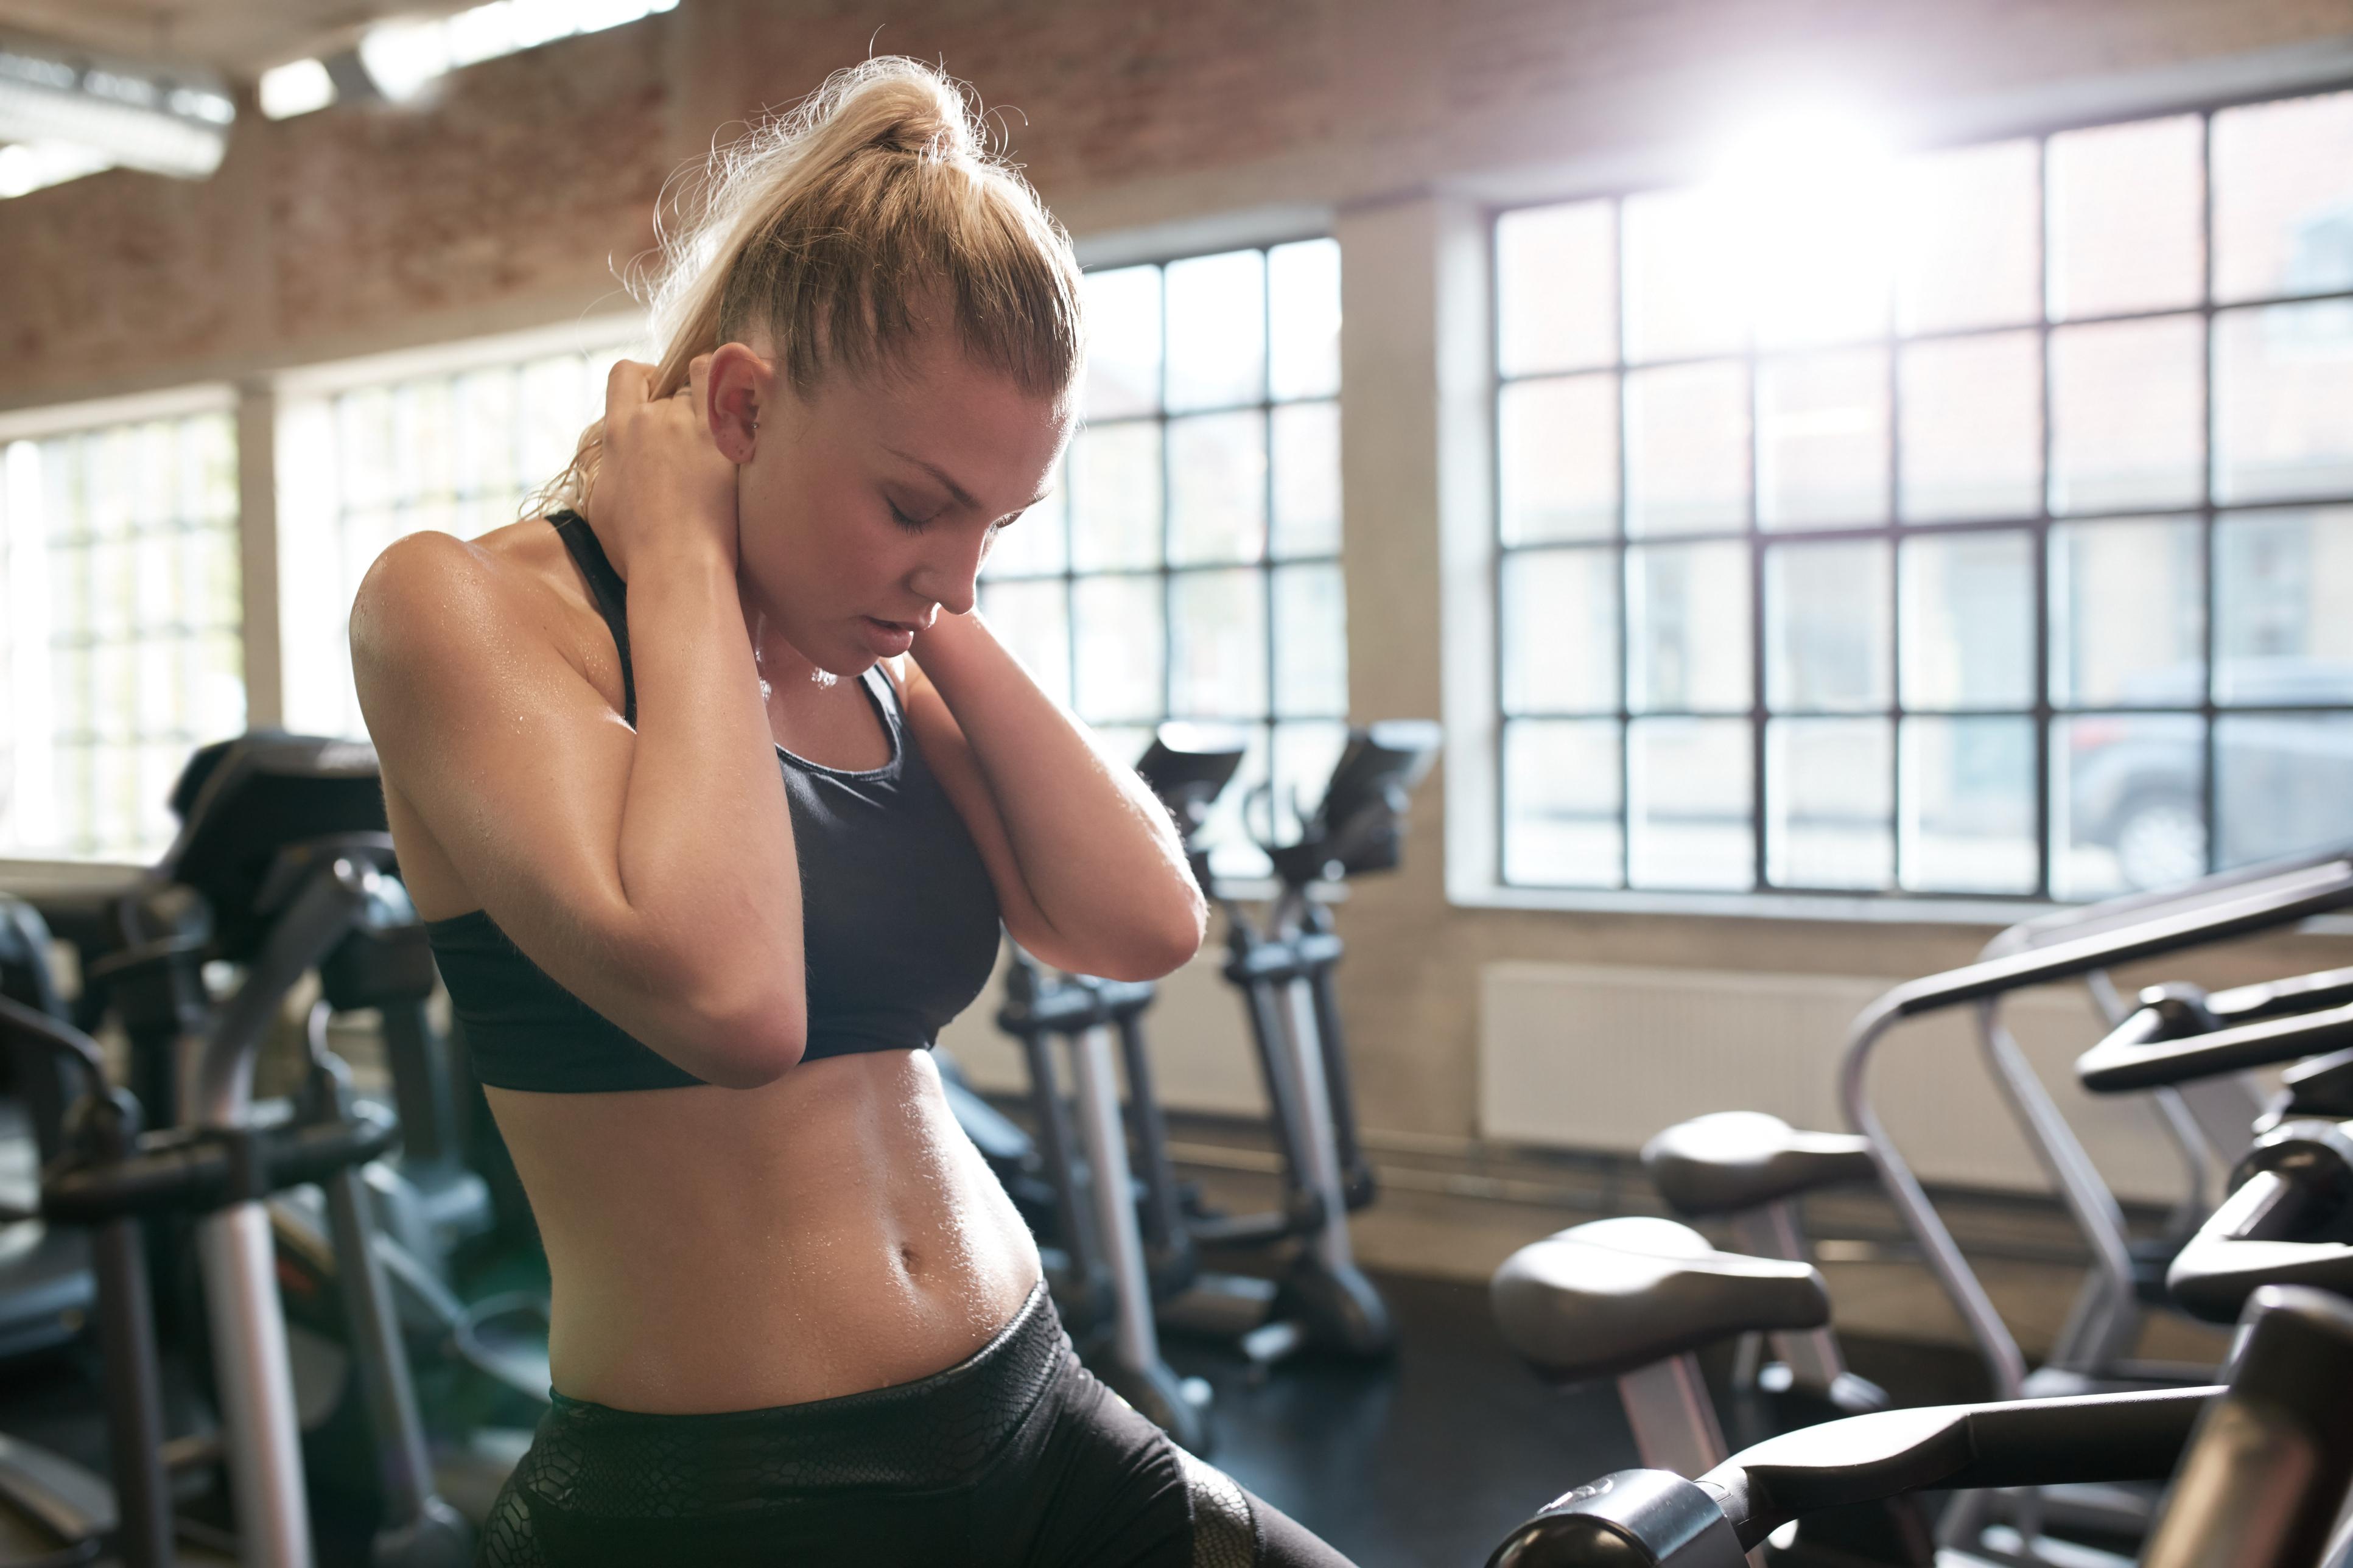 2 хвилини посилених тренувань можуть бути корисніше 30 хвилин помірних, дослідження